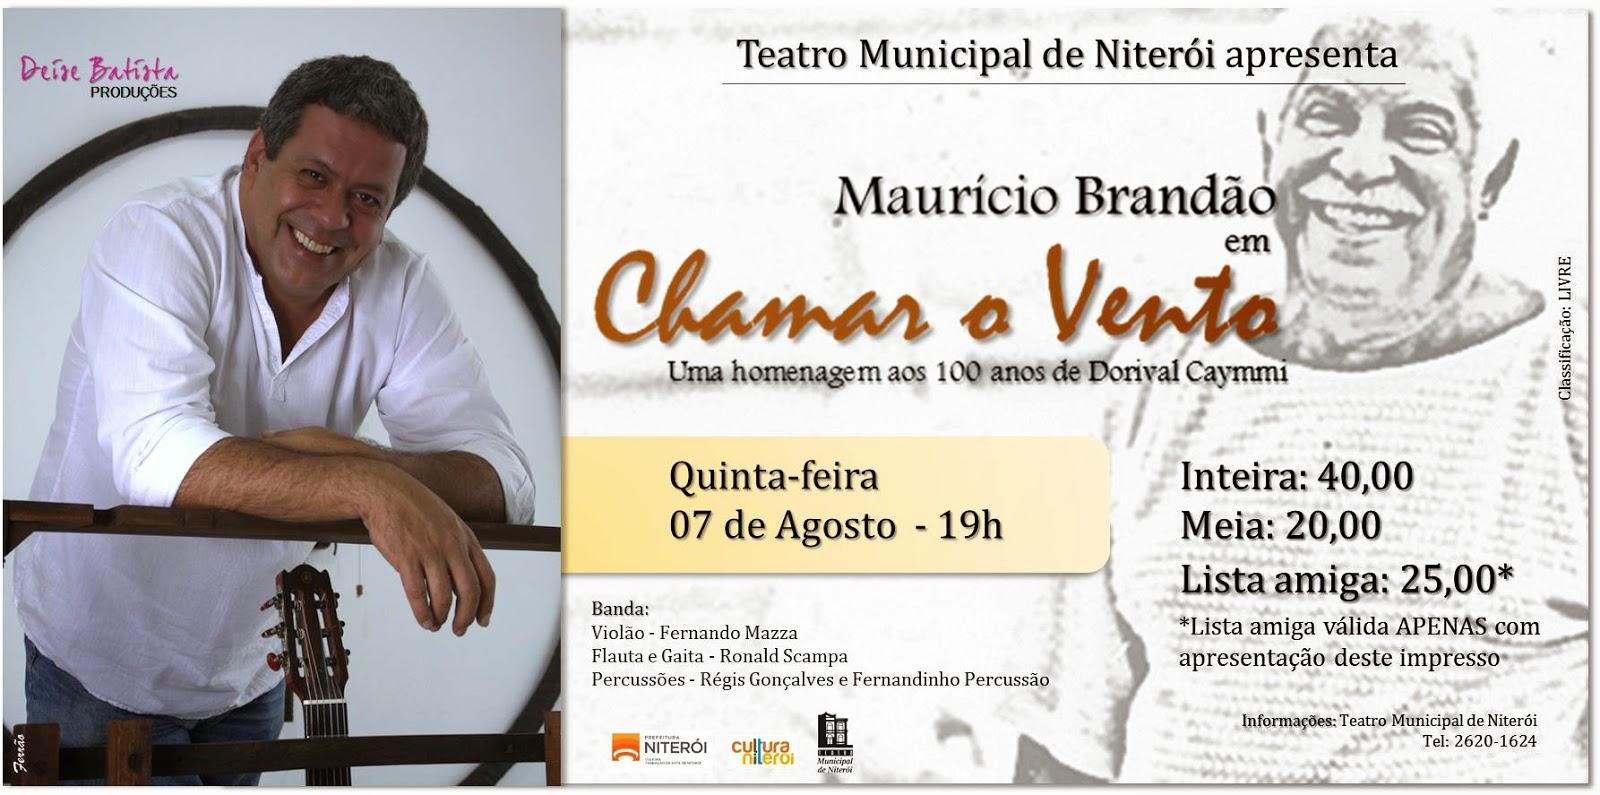 """Teatro Municipal de Niterói apresenta o show """"Maurício Brandão em Chamar o Vento"""""""